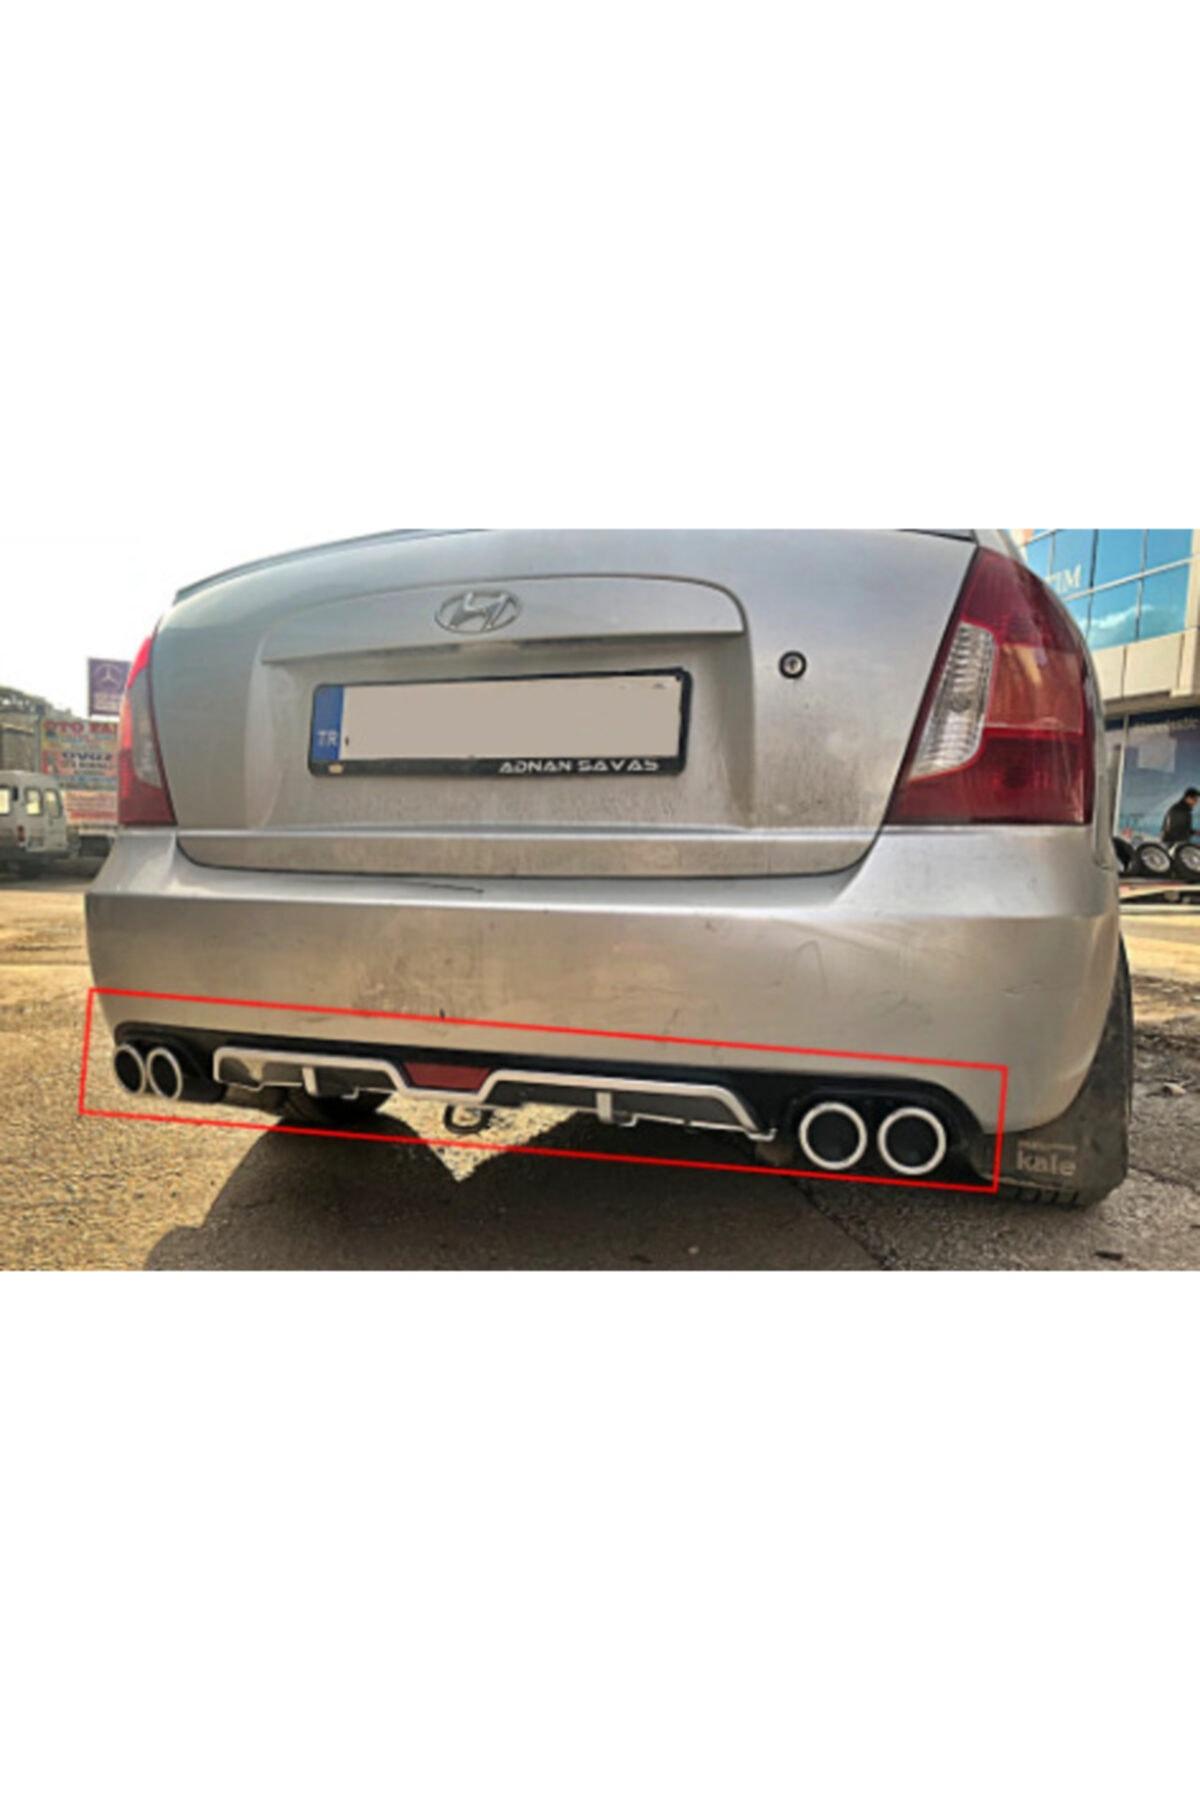 ABS Hyundai Accent Era 4 Çıkışlı Egzoz Görünümlü Arka Tampon Ek'i Difüzör 1